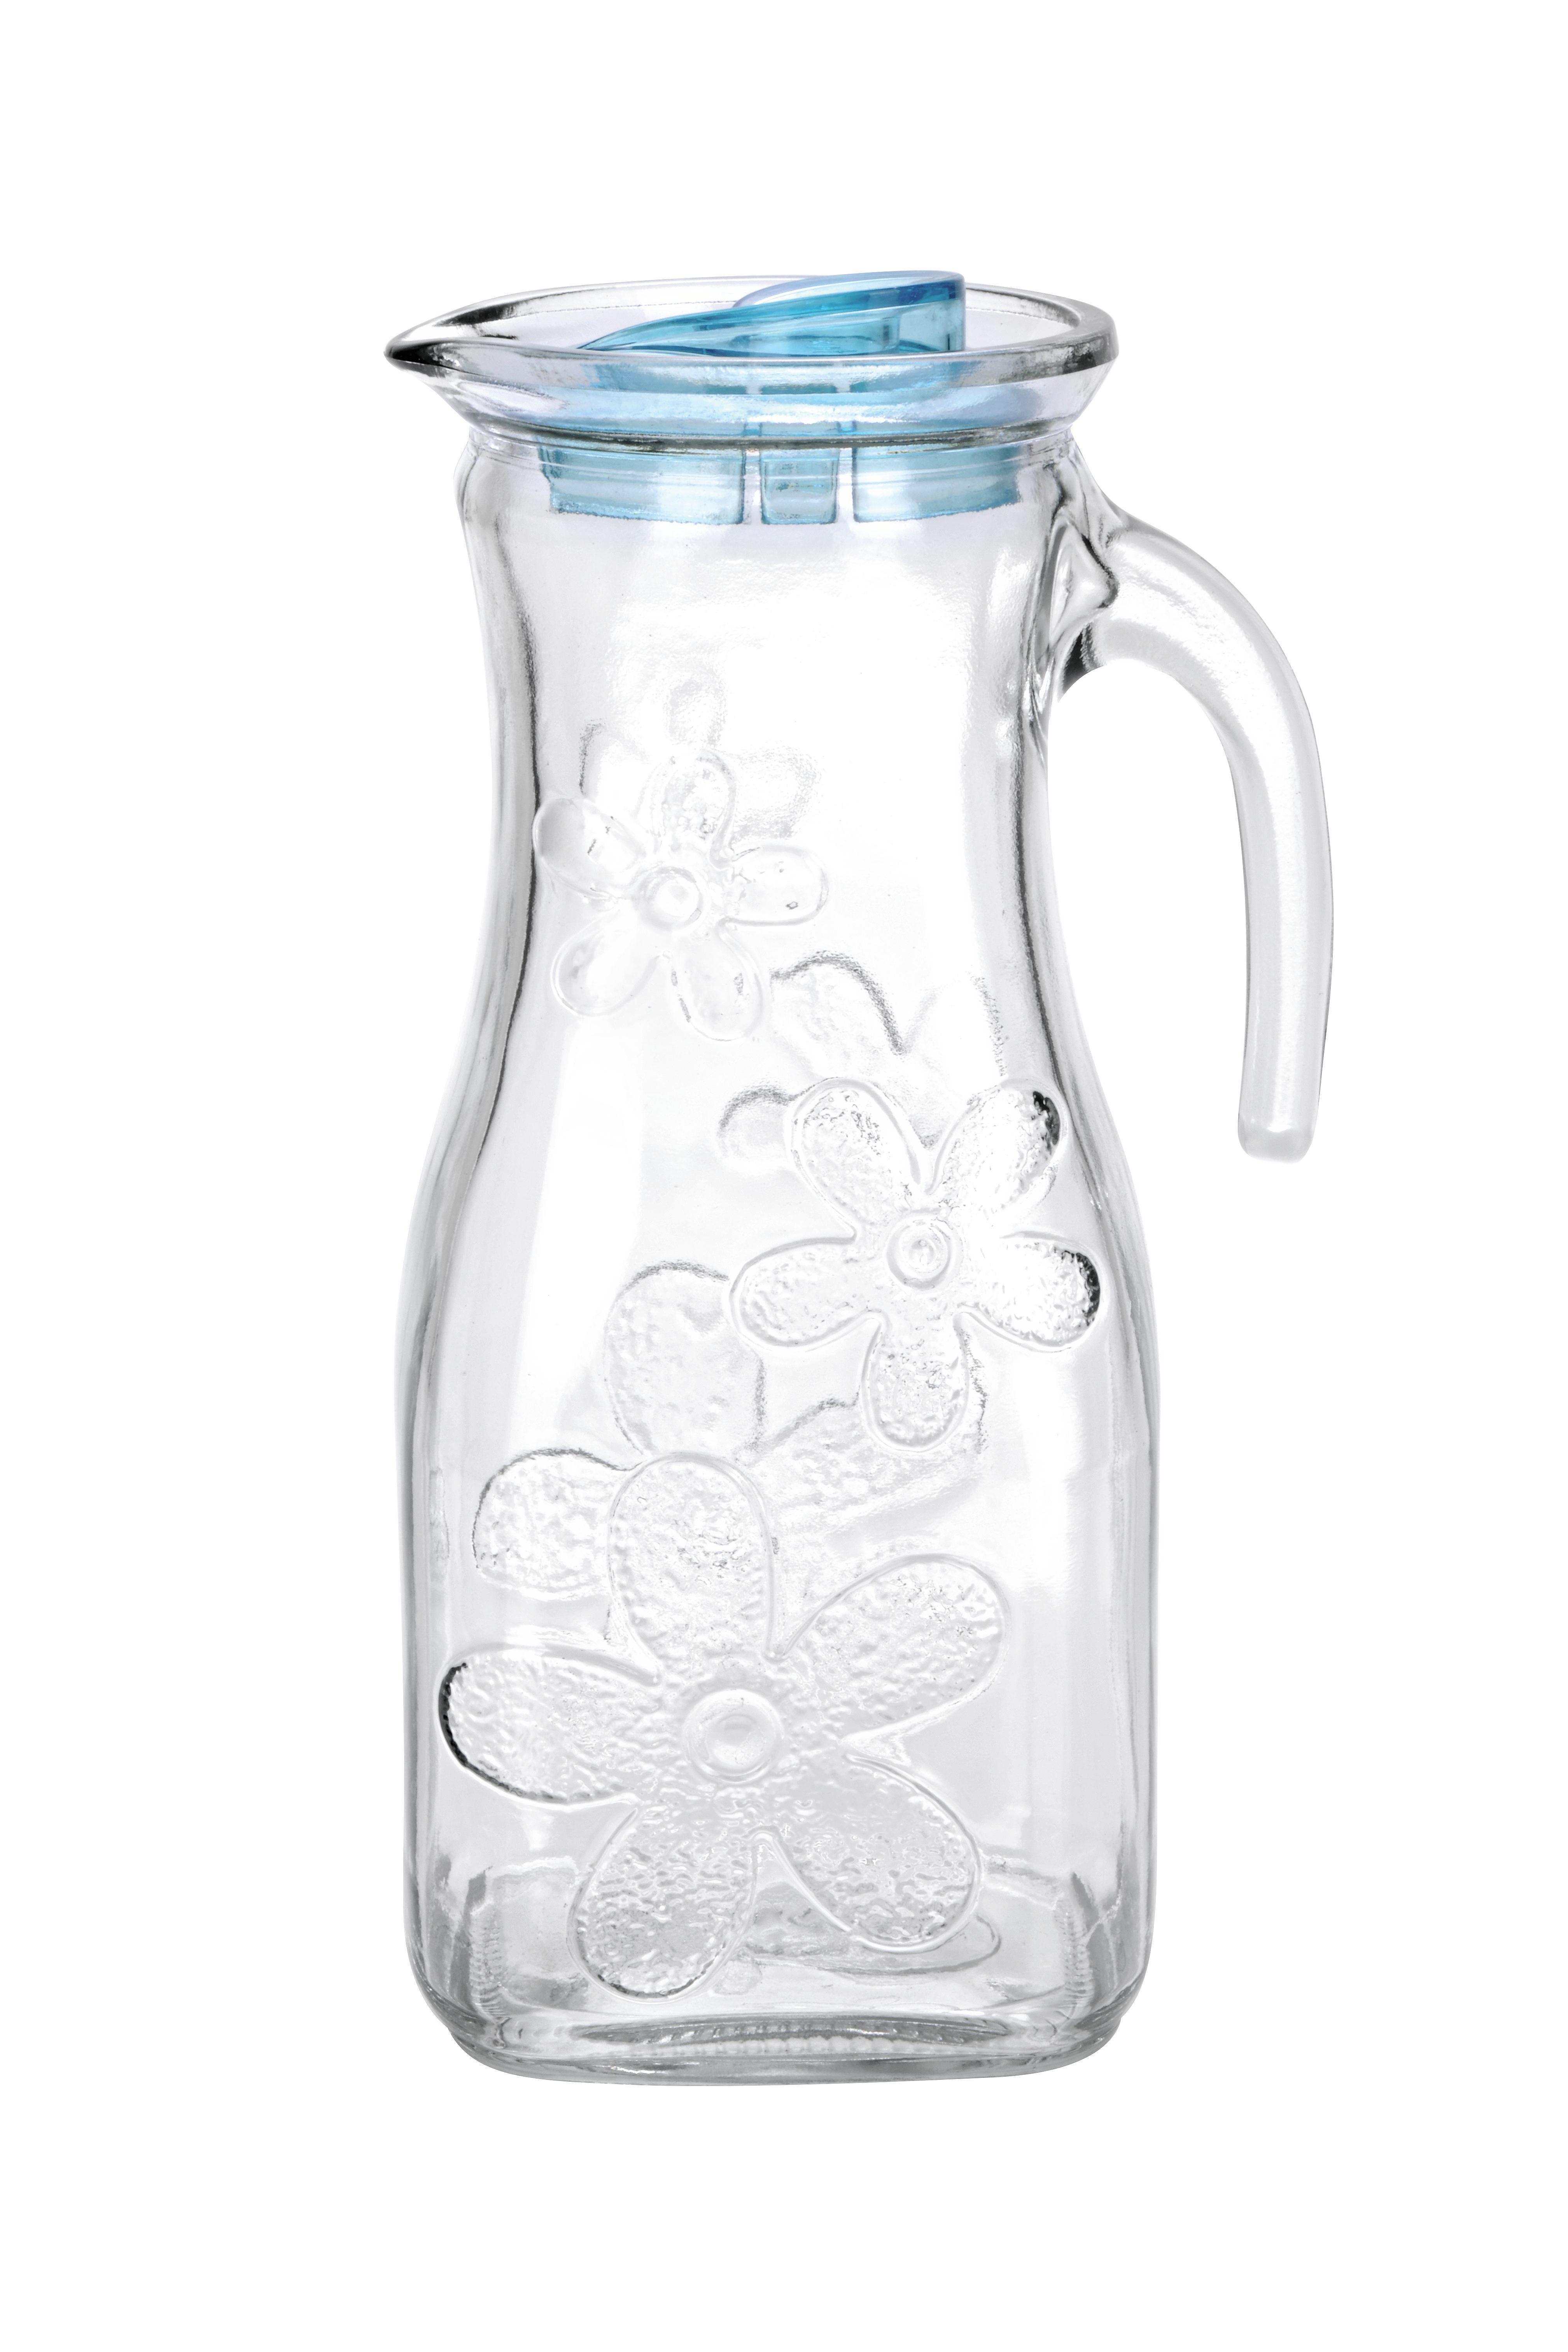 Üvegkancsó Elisa - kék/zöld, konvencionális, műanyag/üveg (1l)